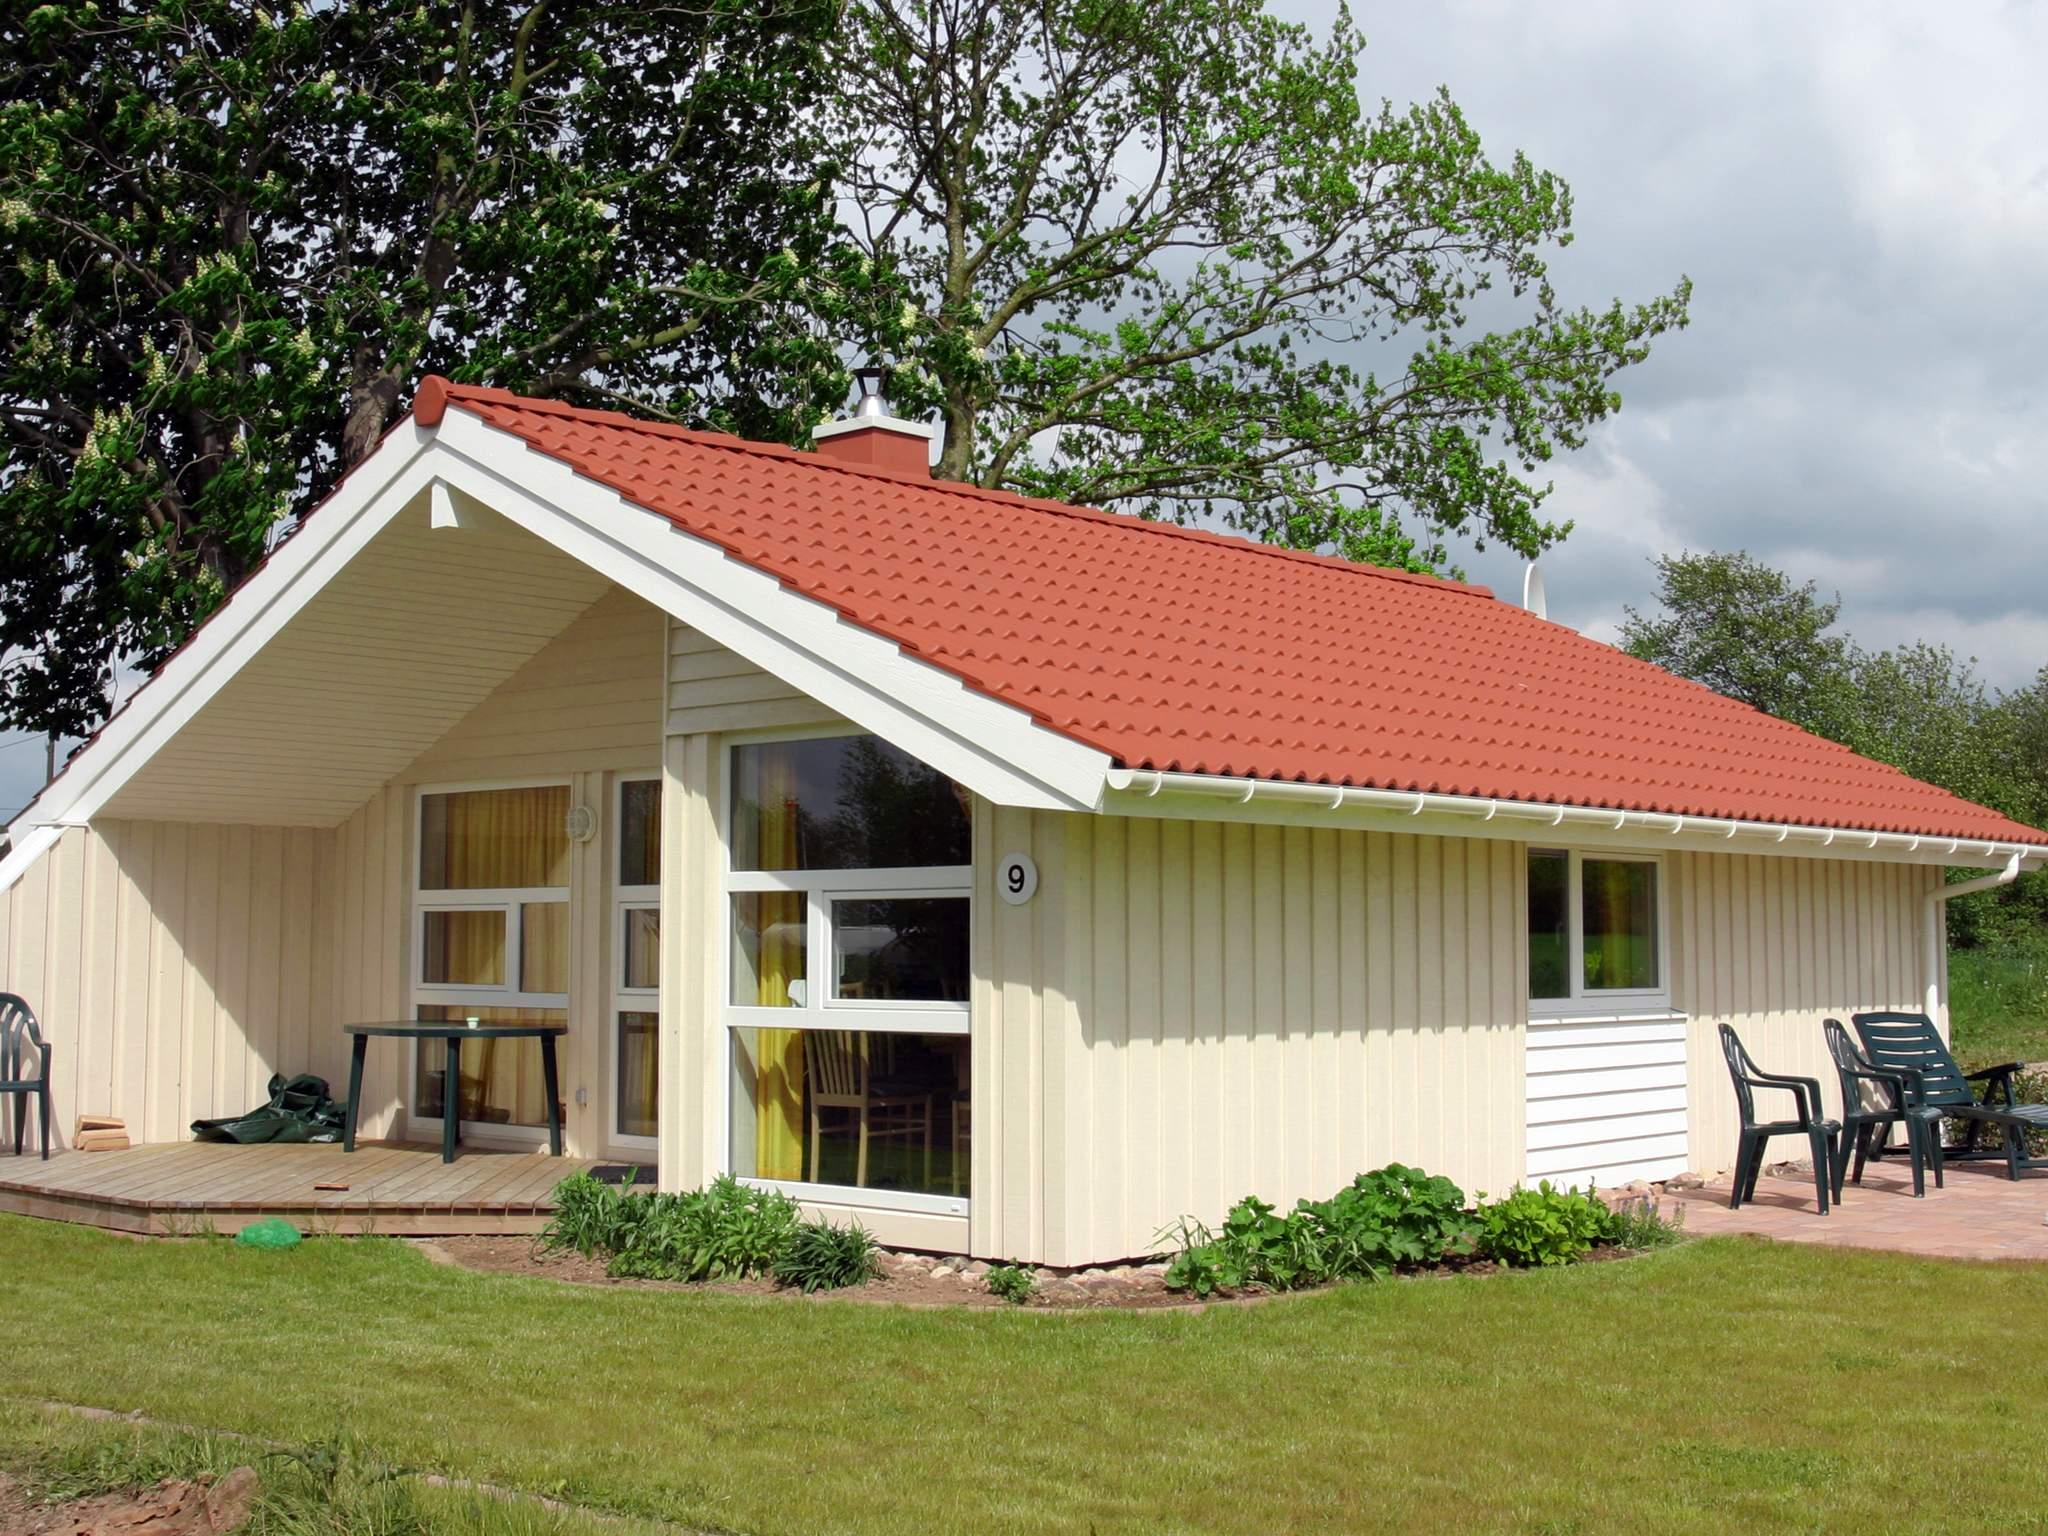 Ferienhaus Gelting (125199), Gelting, Geltinger Bucht, Schleswig-Holstein, Deutschland, Bild 8